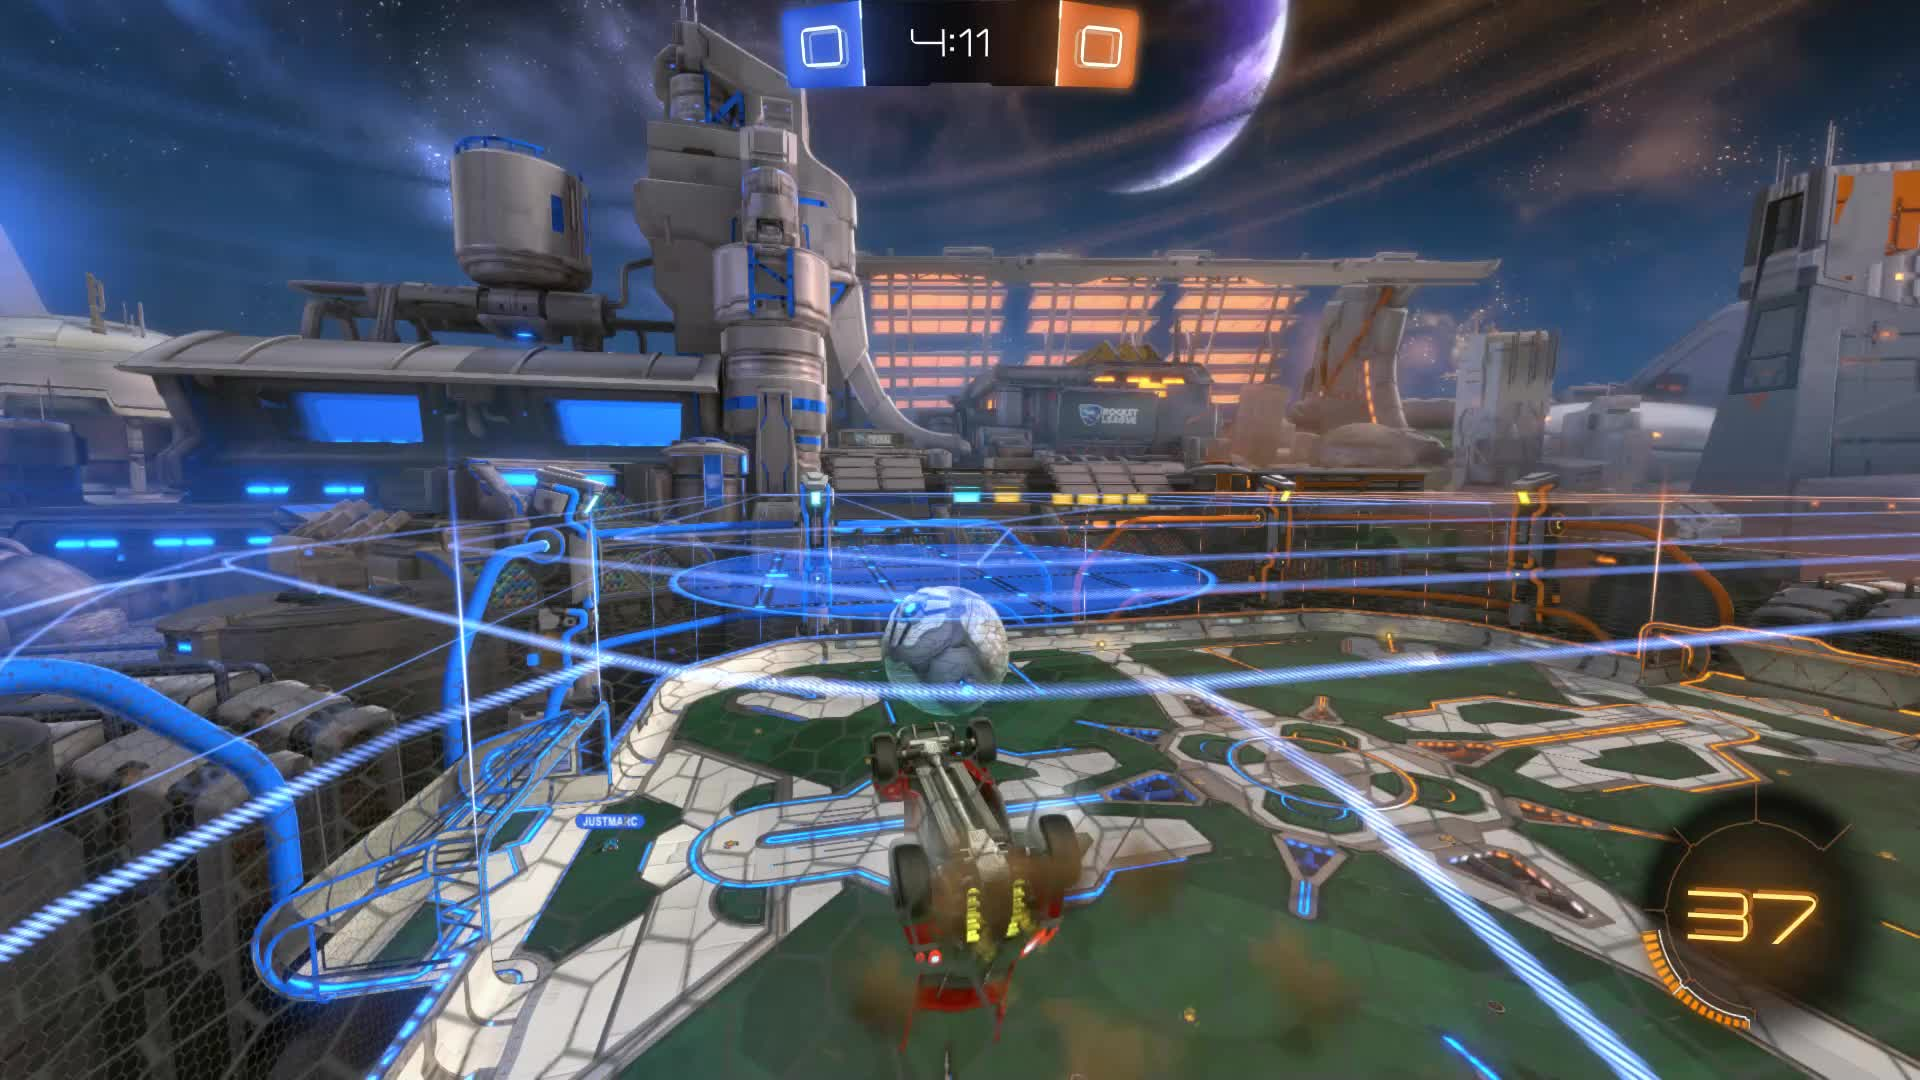 Gif Your Game, GifYourGame, Rocket League, RocketLeague, Shot, Squash, Shot 3: Squash GIFs